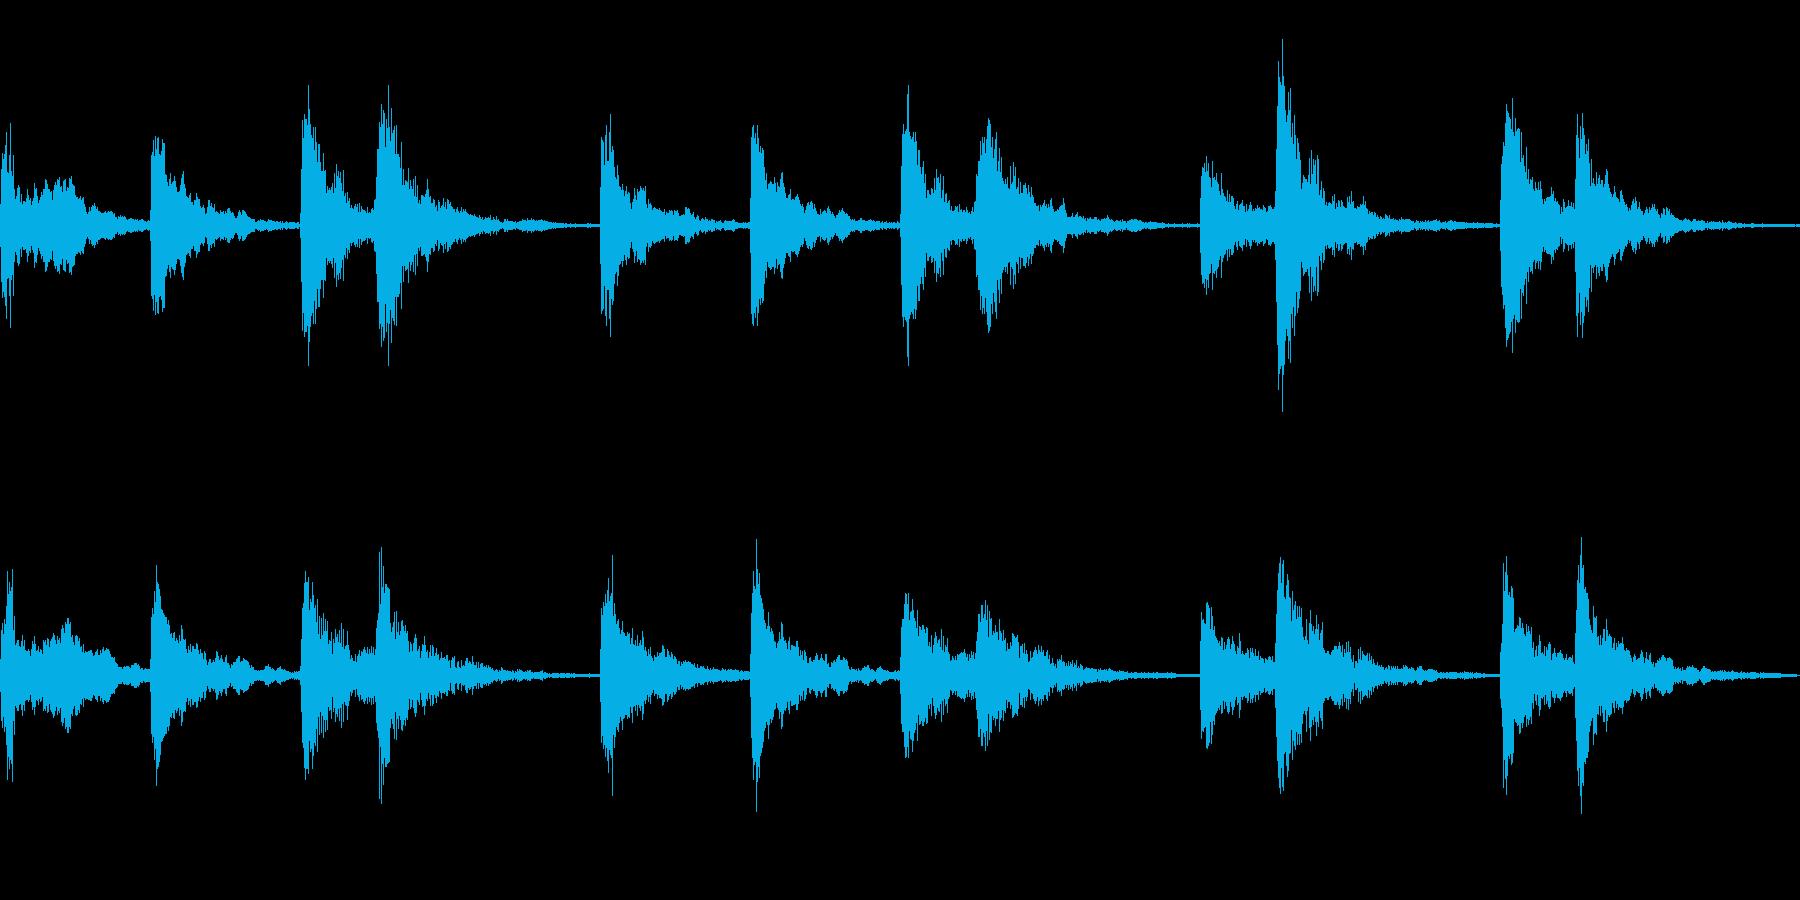 ストリングスをモチーフにしたループ楽曲…の再生済みの波形